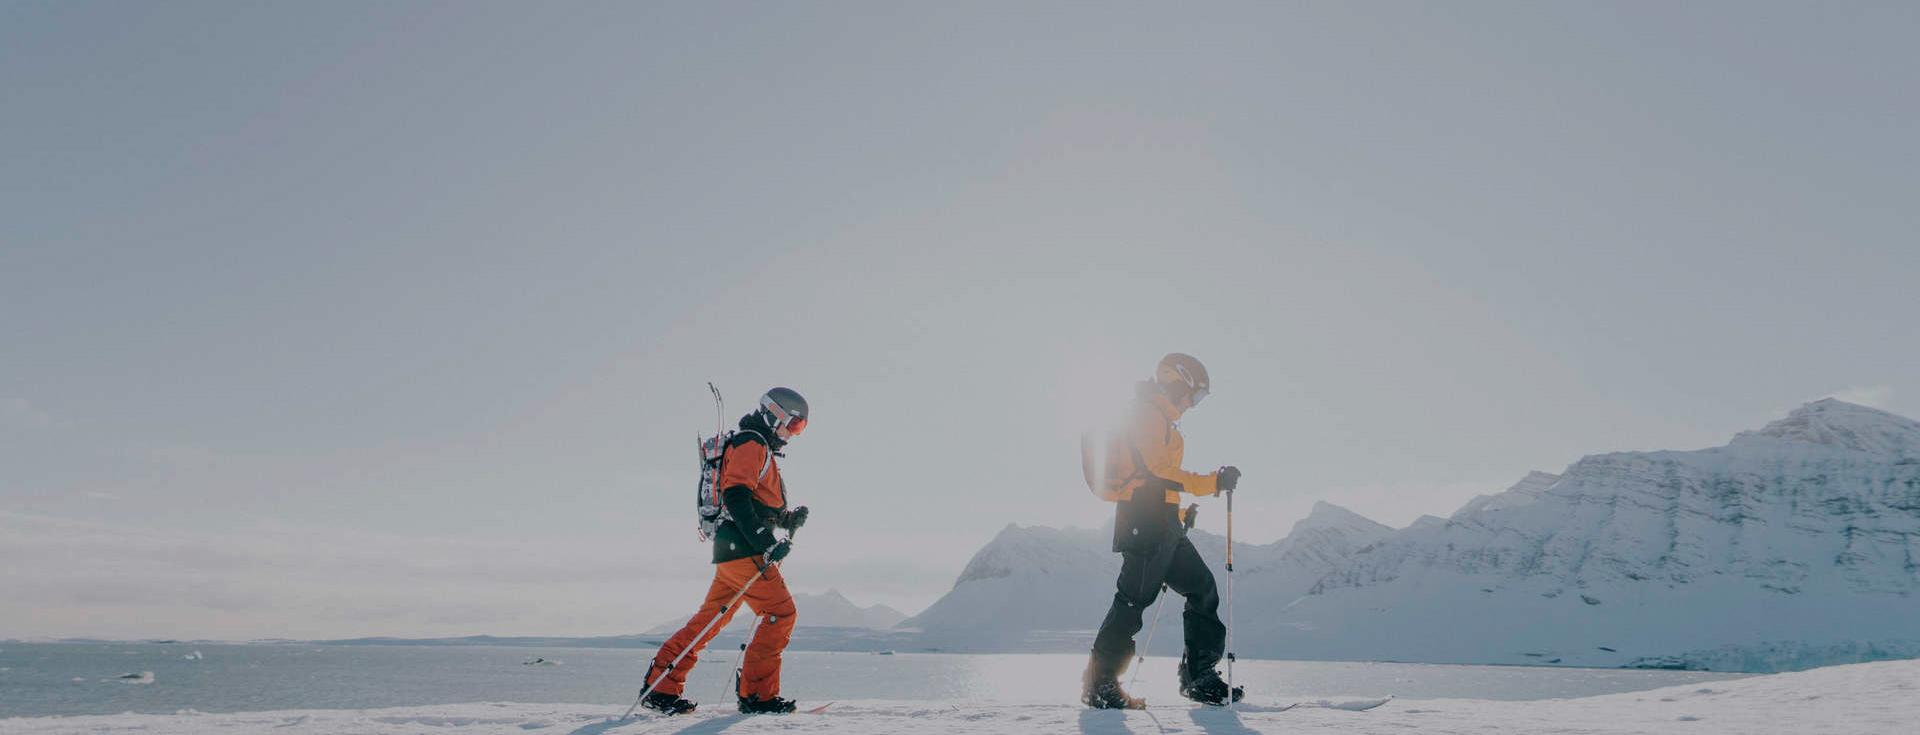 66°Nord, the polar travel